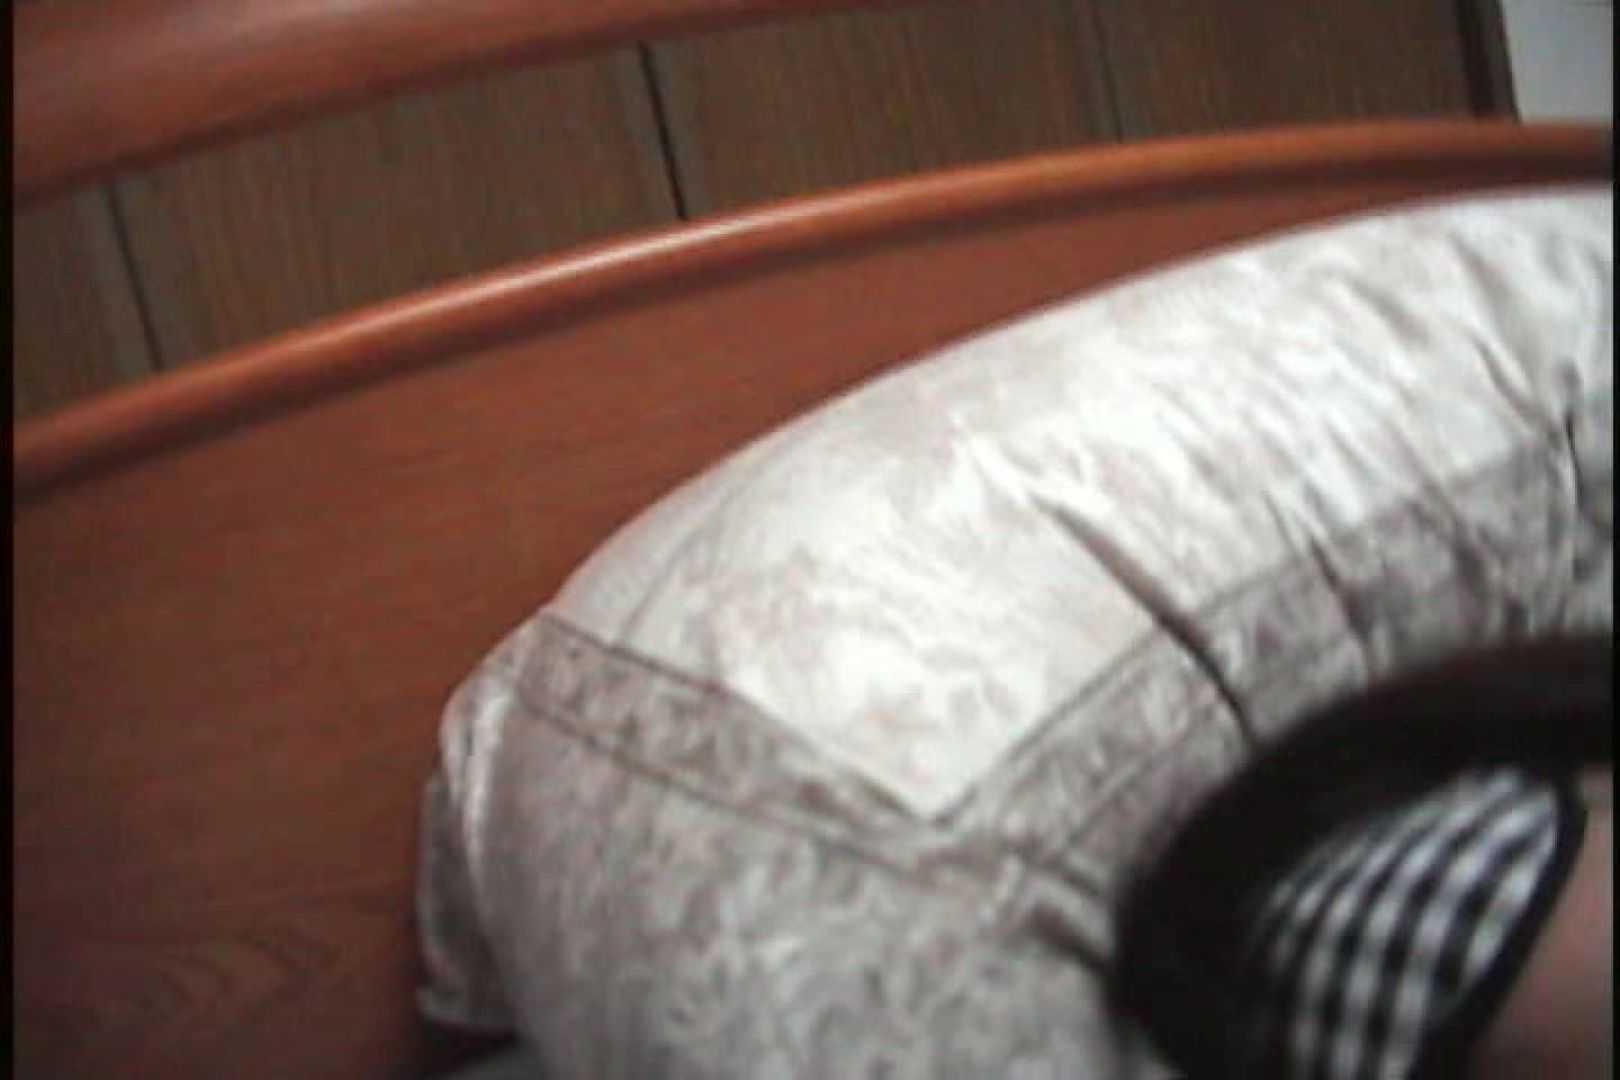 歯科衛生士バージンアラサー30歳まきVol.6 エロティックなOL | エッチなセックス  91画像 55